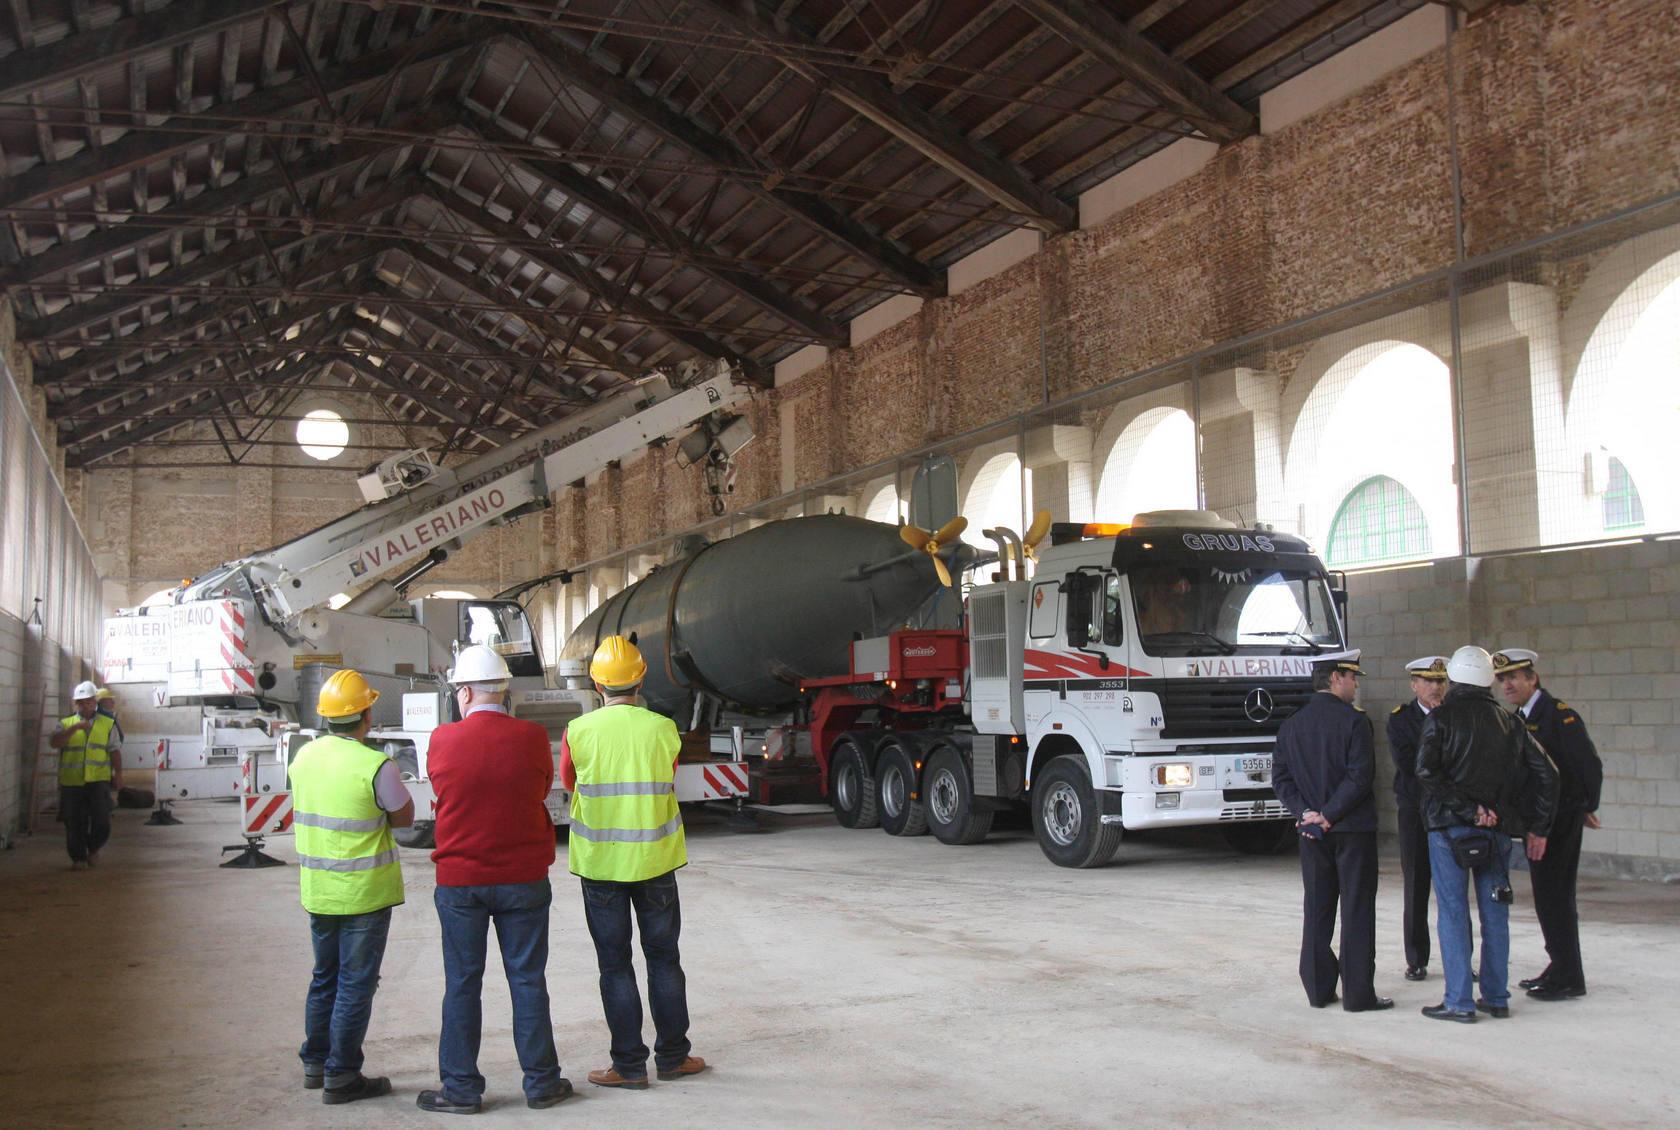 Traslado del Submarino Peral desde el Paseo del Muelle al Arsenal Naval